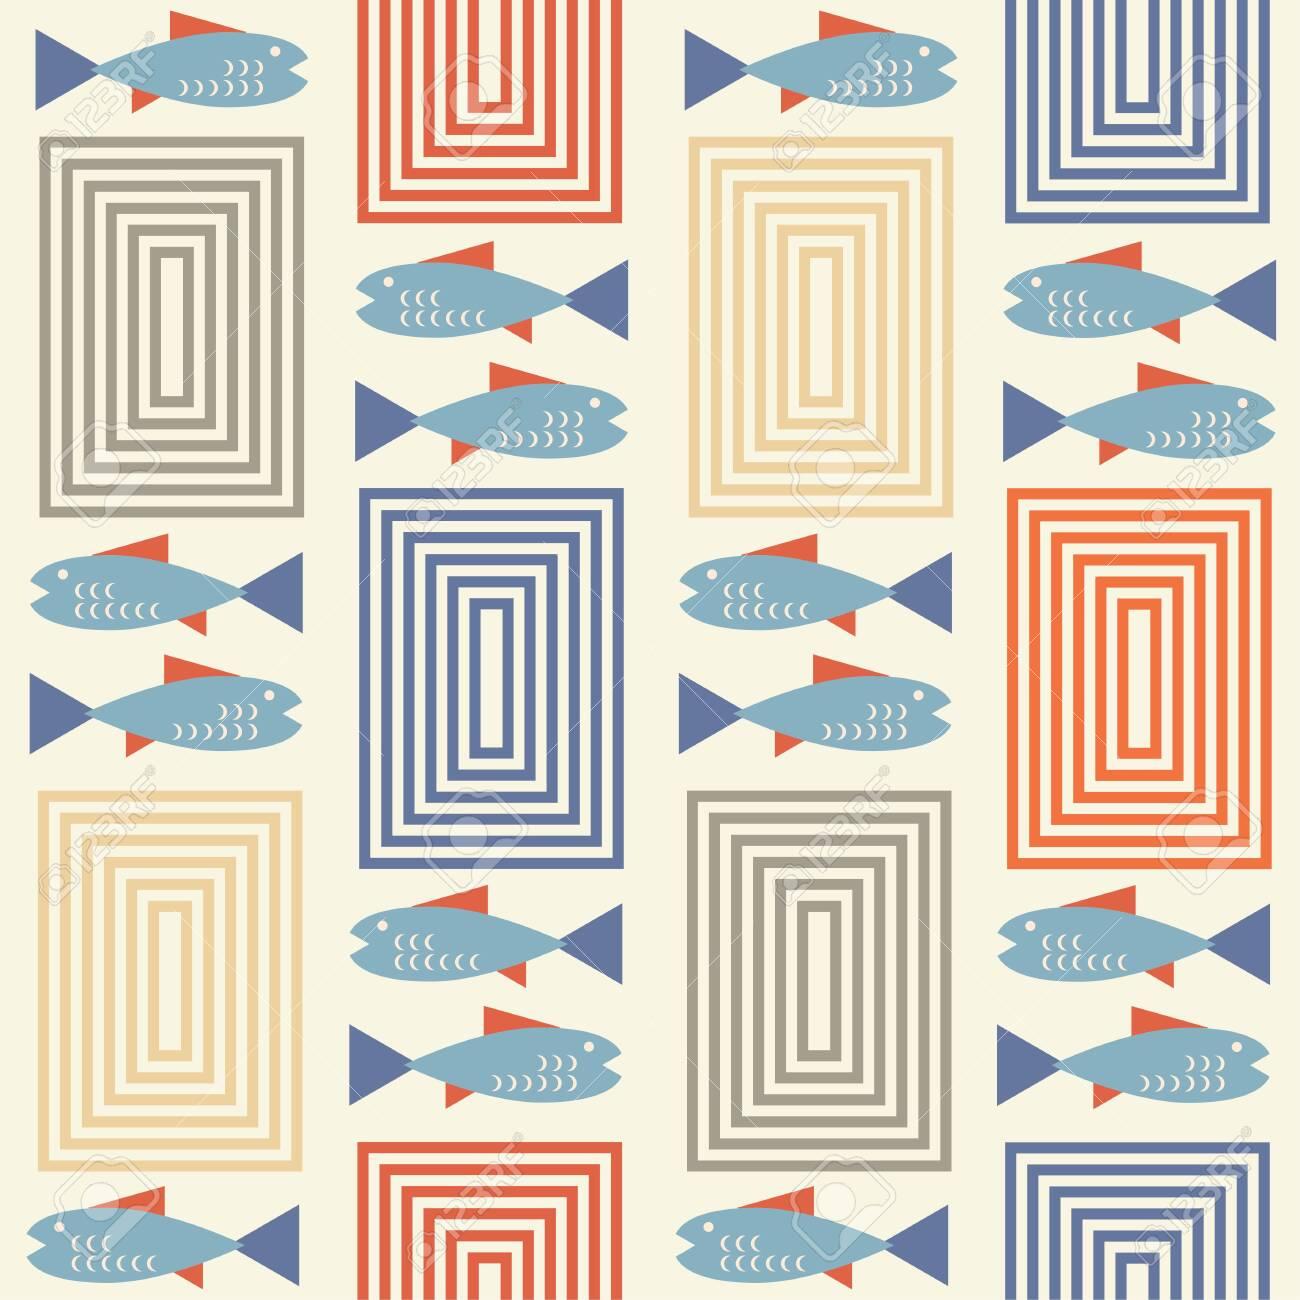 mid century style seamless pattern - 134023226